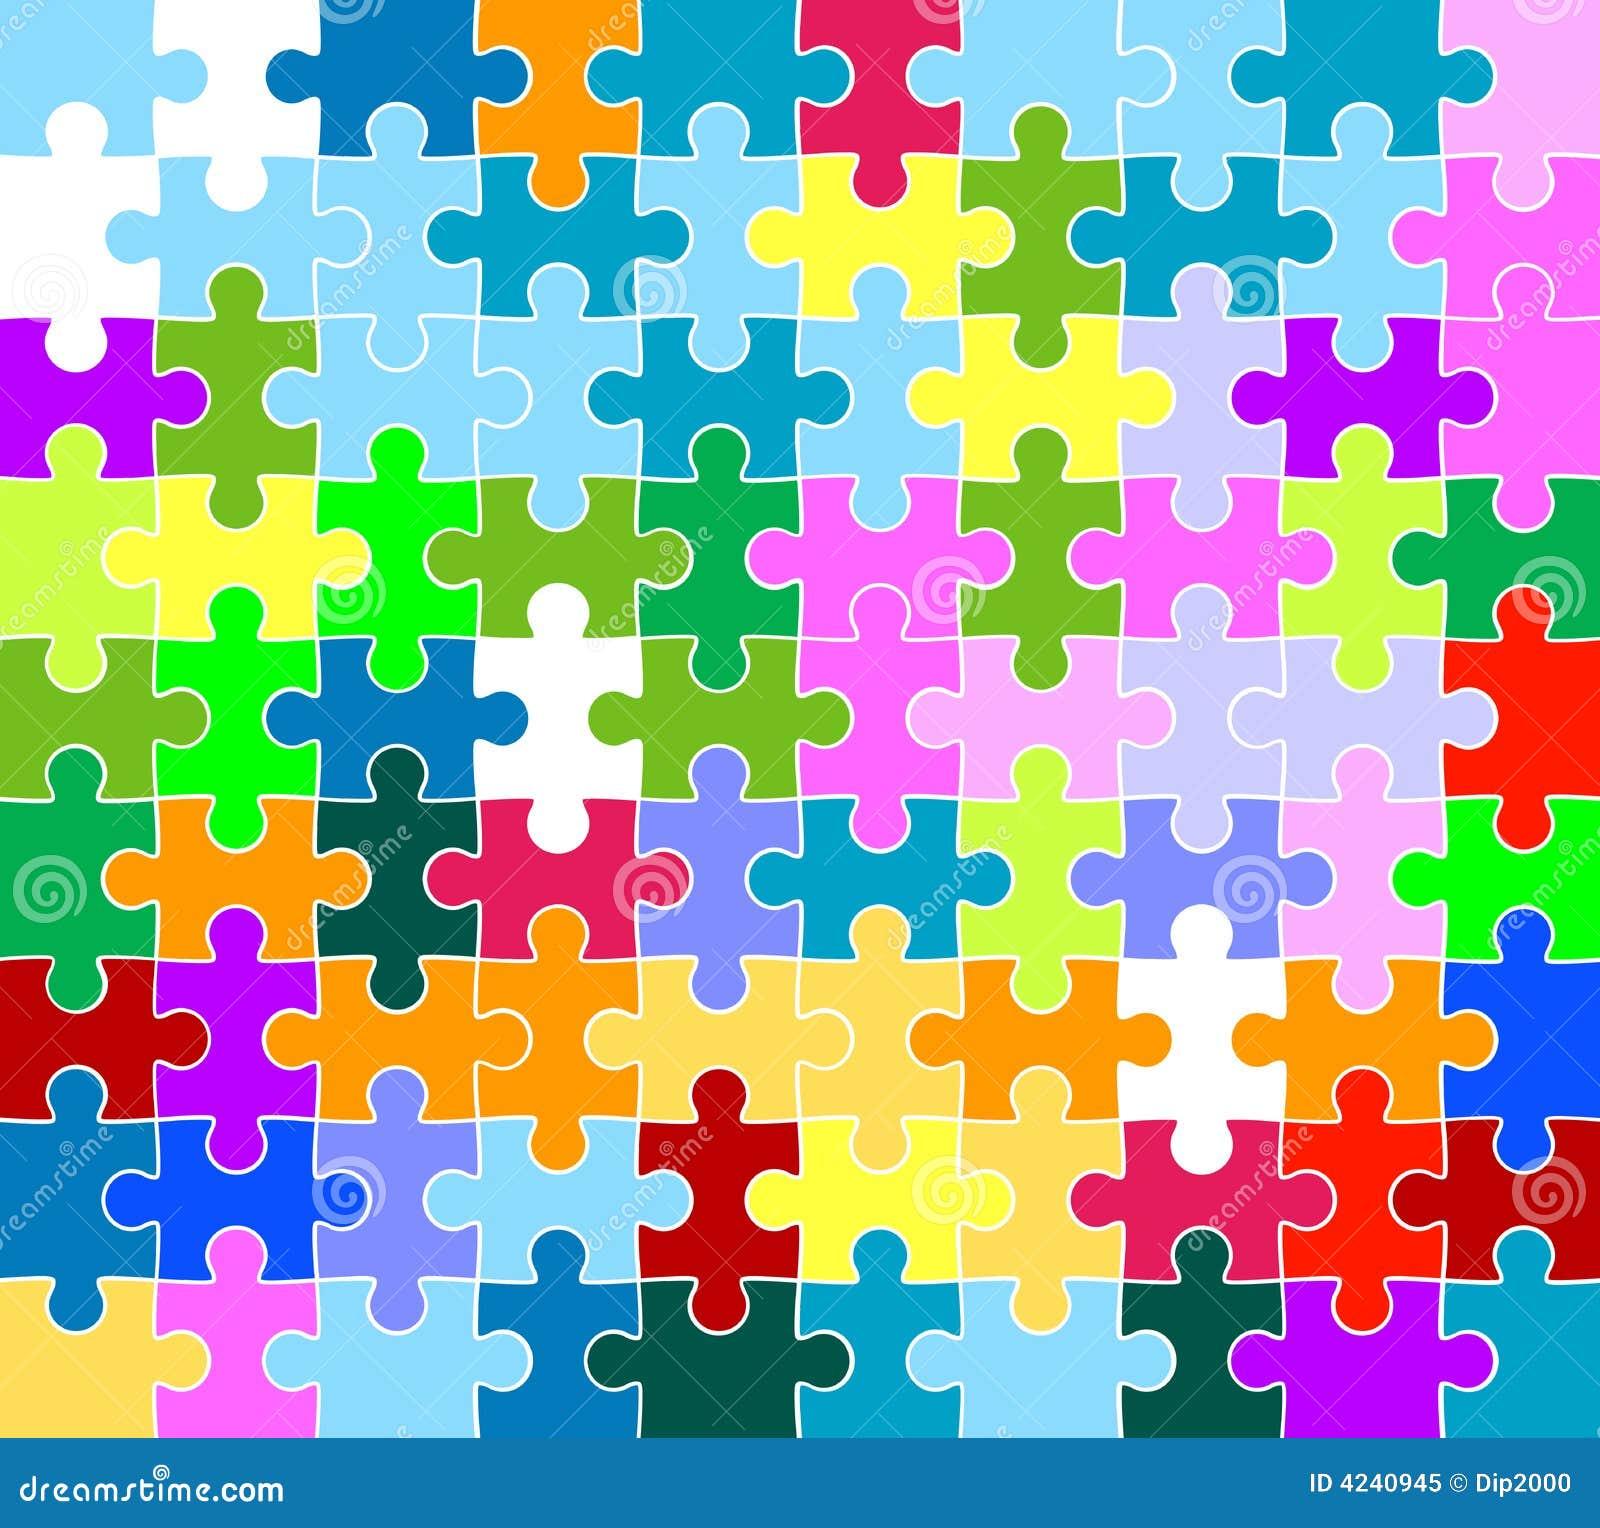 Jigsaw Puzzle Pattern ...